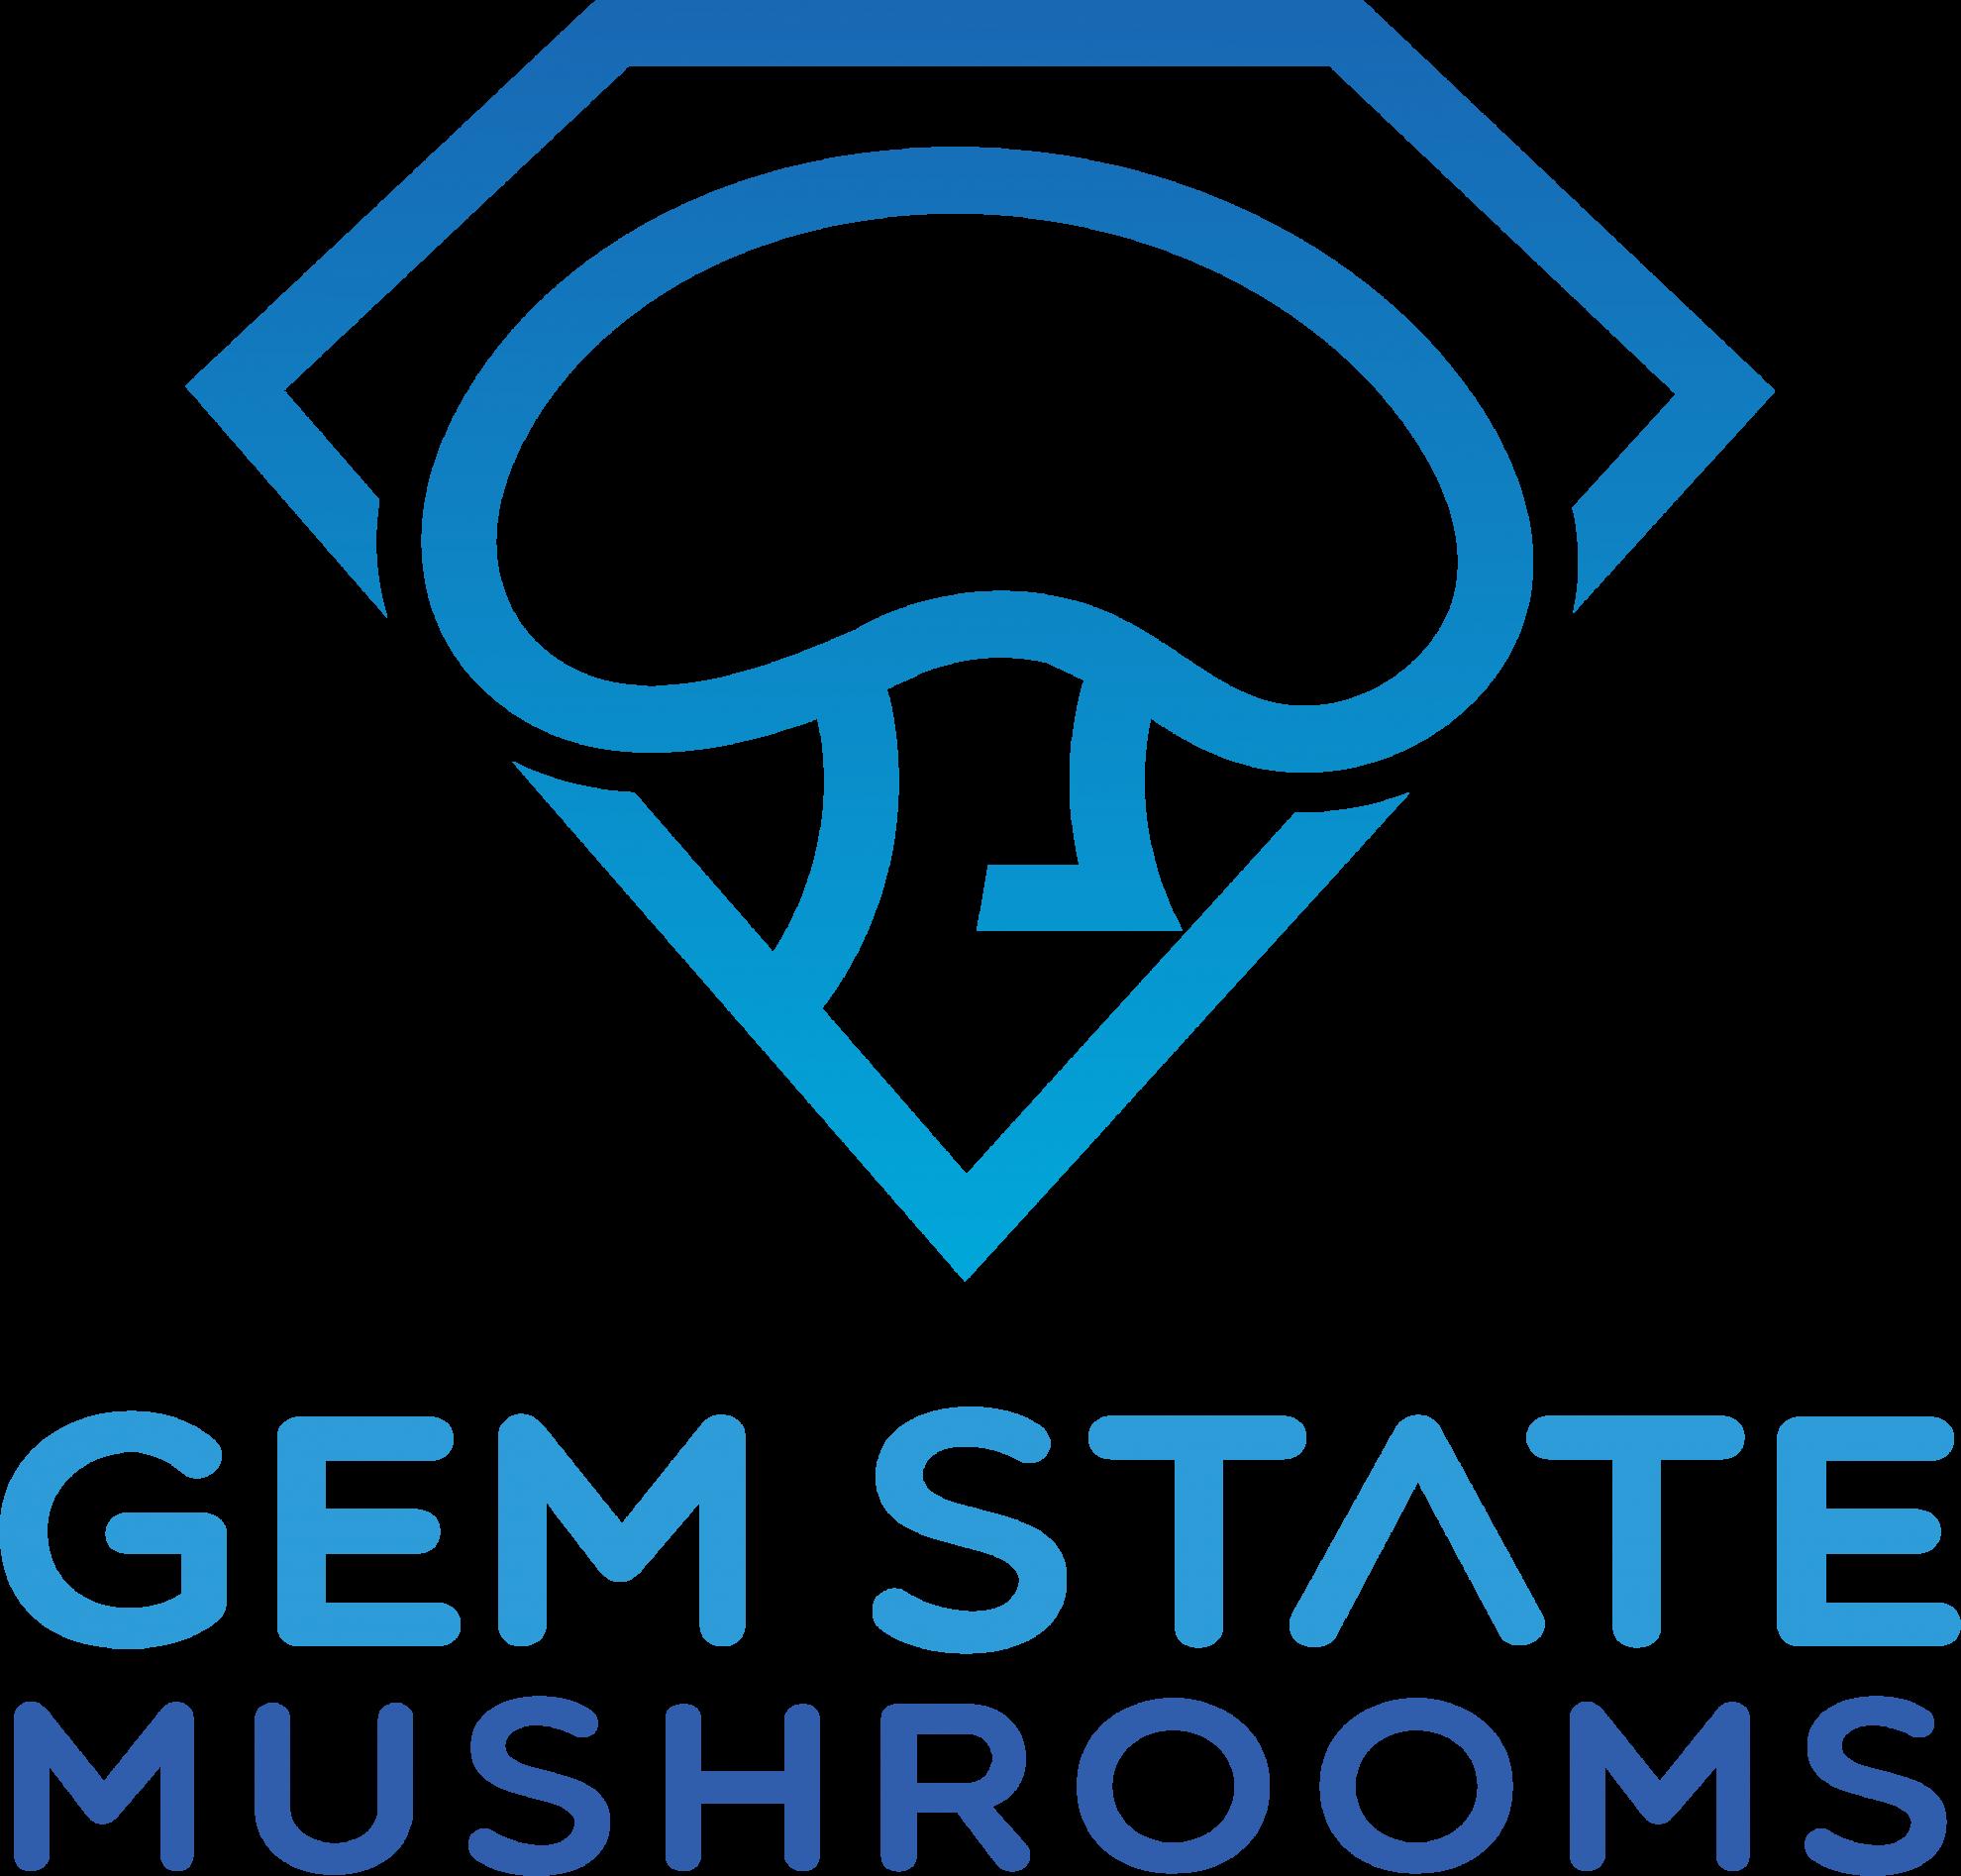 Gem State Mushrooms